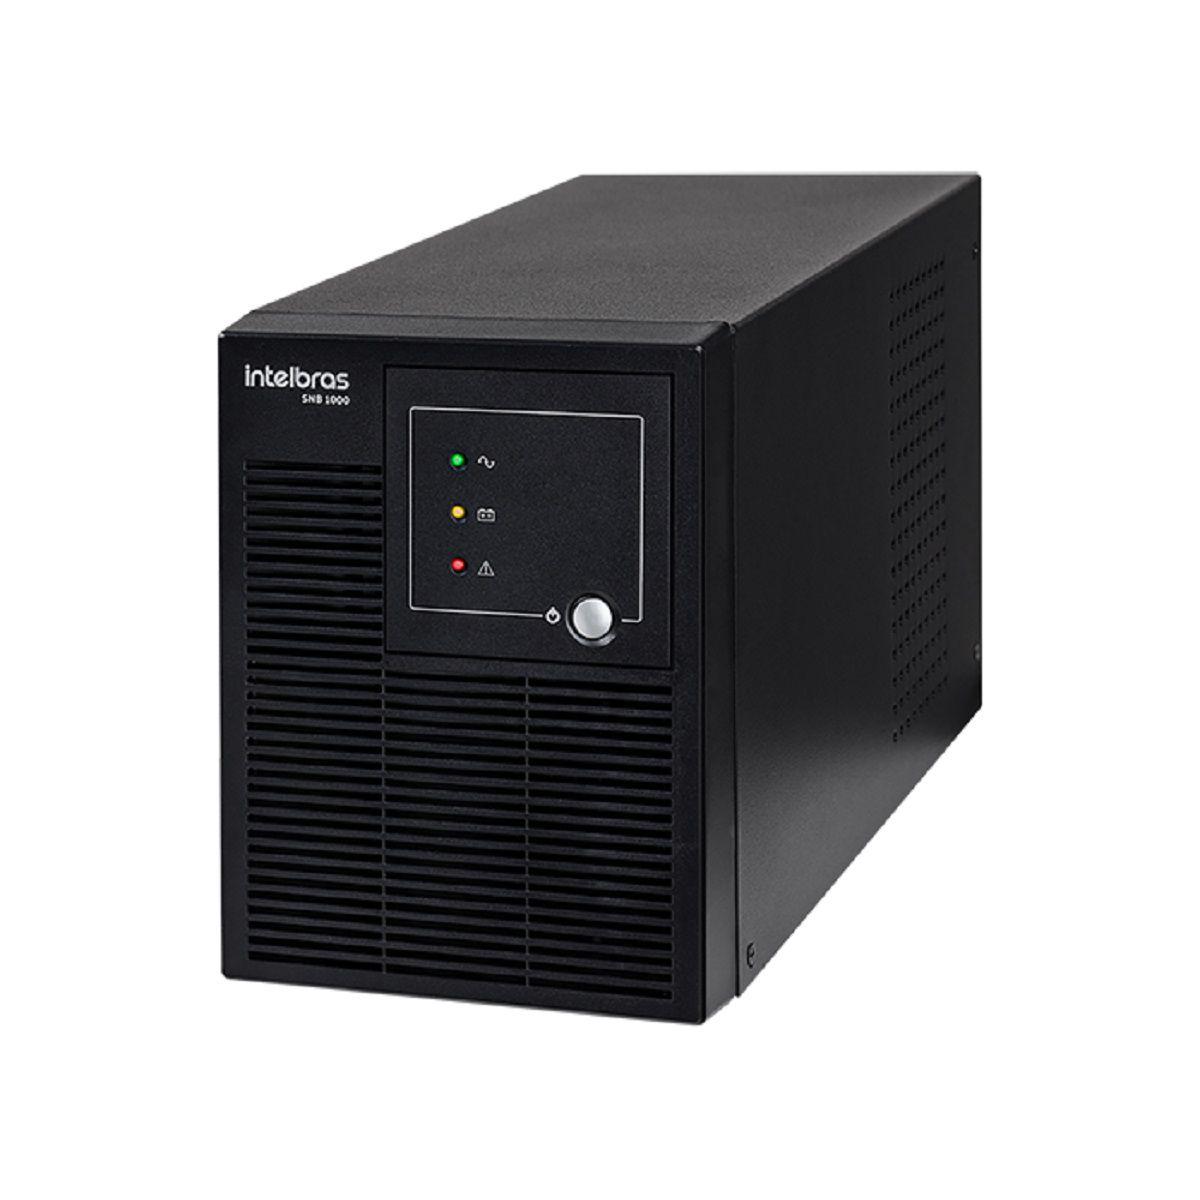 Nobreak Senoidal Intelbras SNB 1000 Entrada Biv. Saída 120V